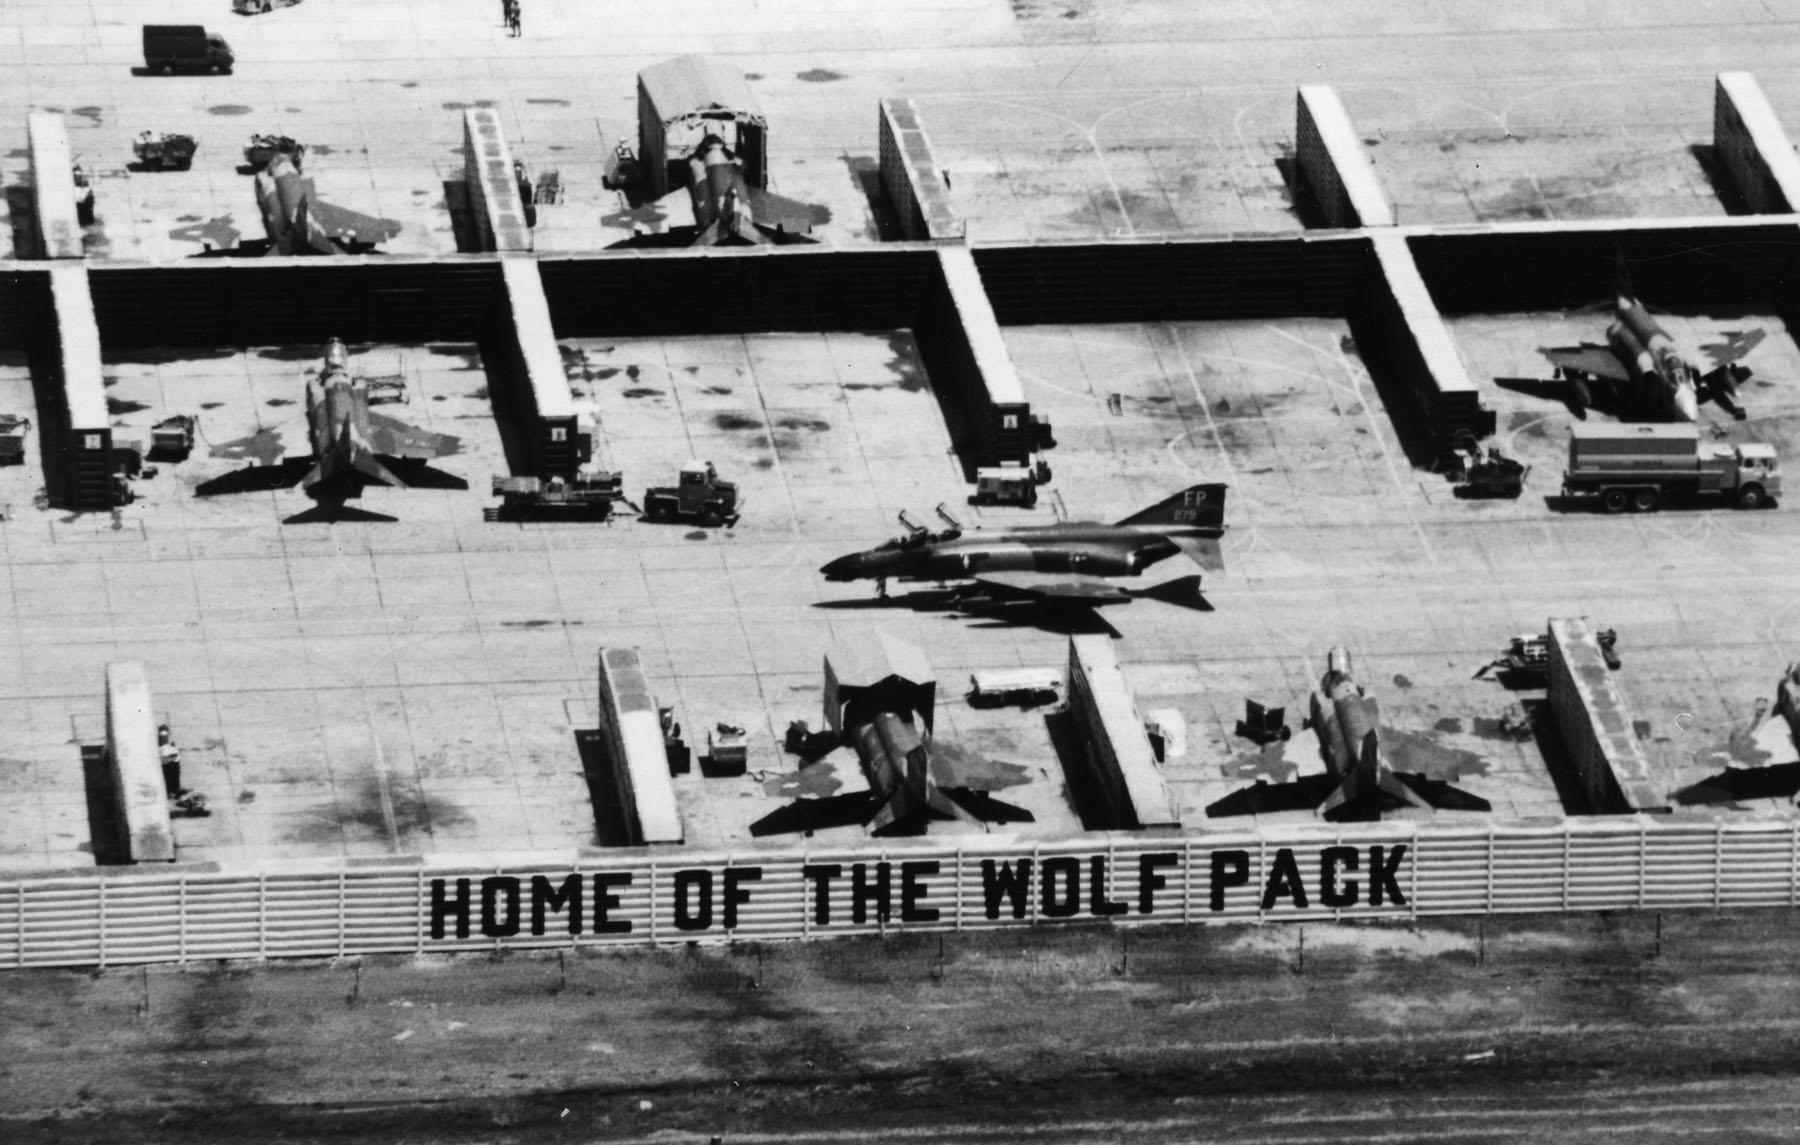 """Наряду с базами во Вьетнаме, защитные капониры """"вьетнамского типа"""" для авиационной техники строились американцами в тот период и на своих базах в сопредельных странах. Здесь истребители McDonnell F-4D Phantom II из состава 8-го тактического истребительного крыла ВВС США в капонирах на авиабазе Удон в Таиланде, 1967 год."""